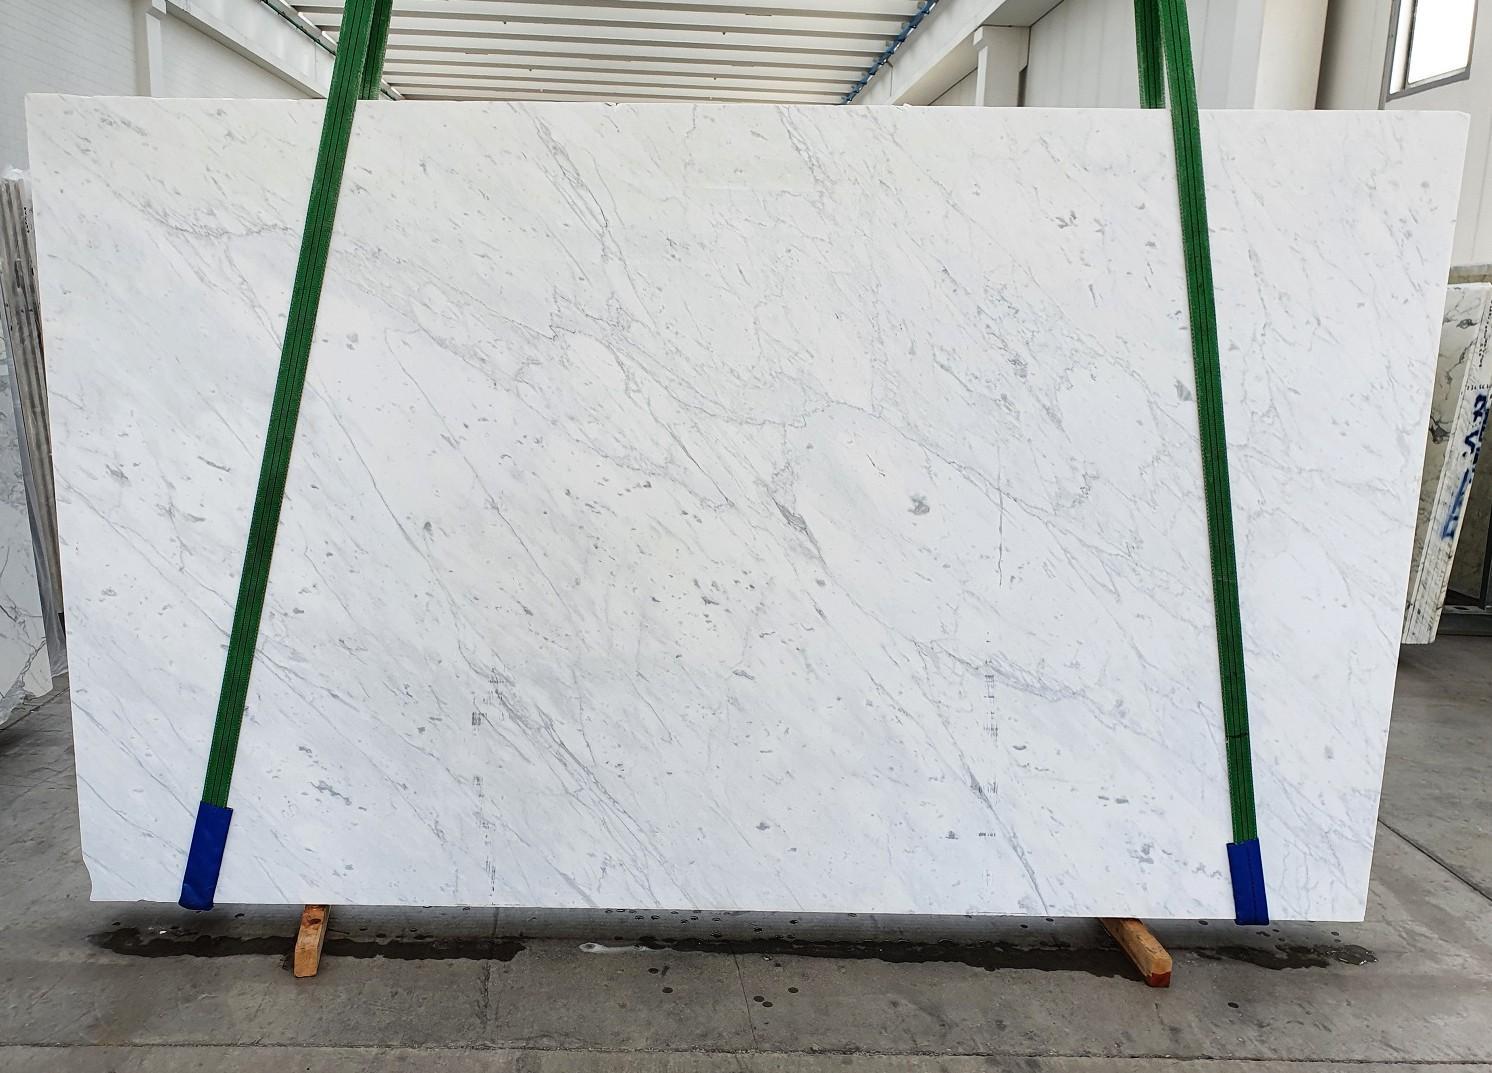 BIANCO CARRARA C polierte Unmaßplatten 1441 aus Natur Marmor , Slab #19: Lieferung Veneto, Italien